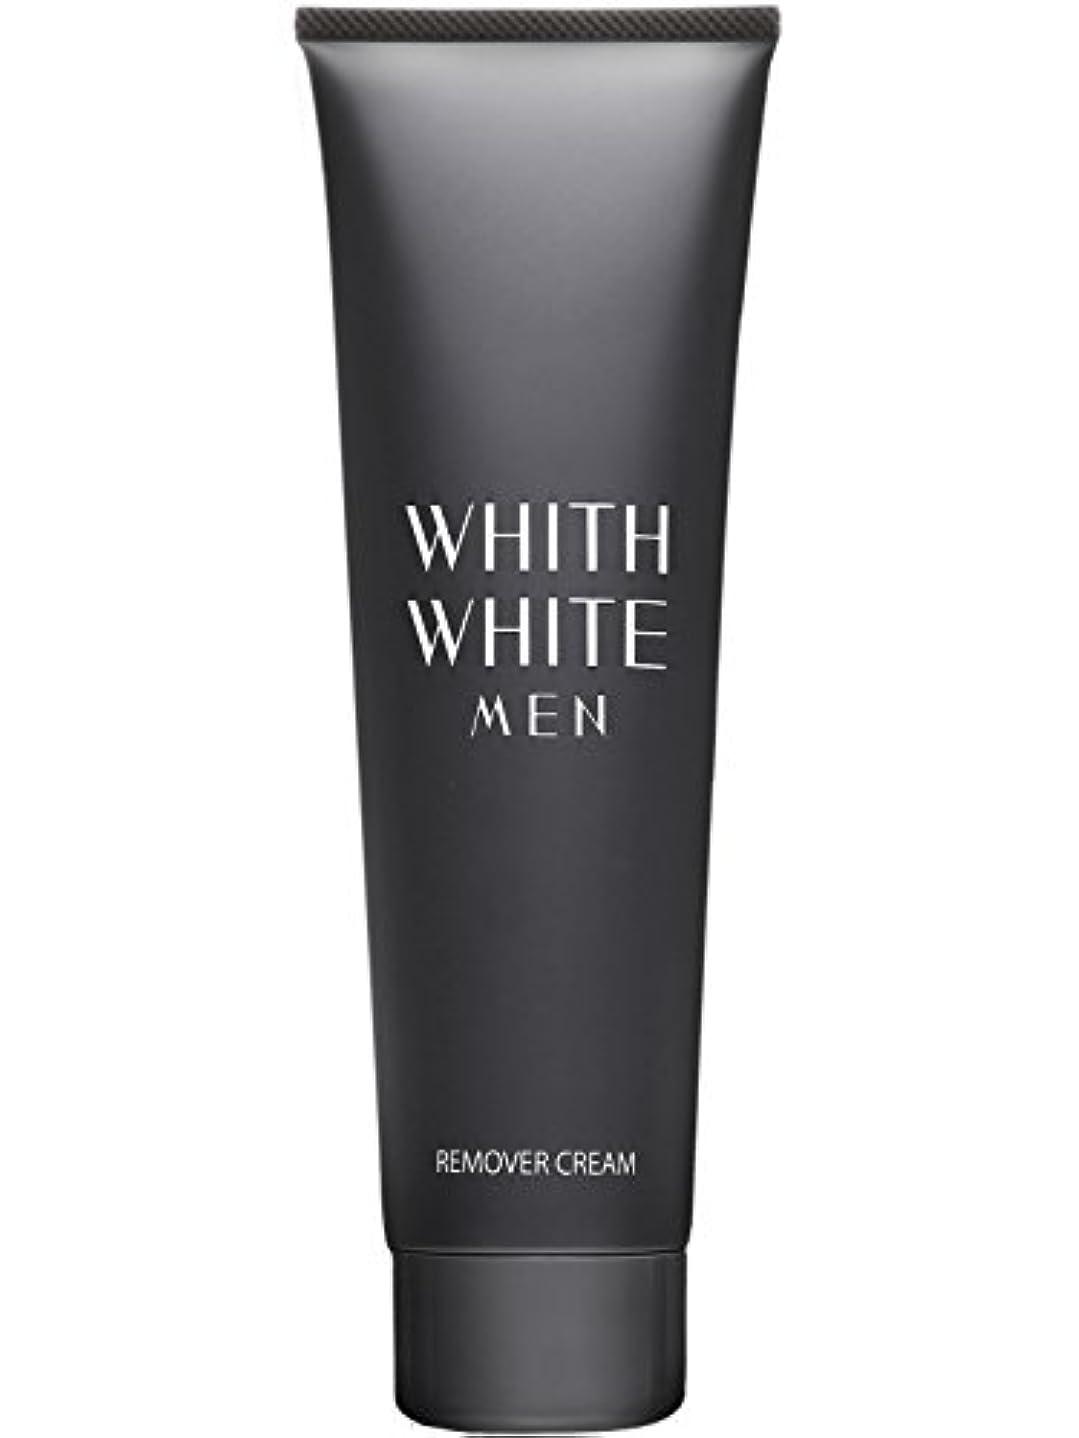 不機嫌談話マトロン医薬部外品 フィス ホワイト メンズ 除毛クリーム リムーバークリーム 陰部 使用可能 210g